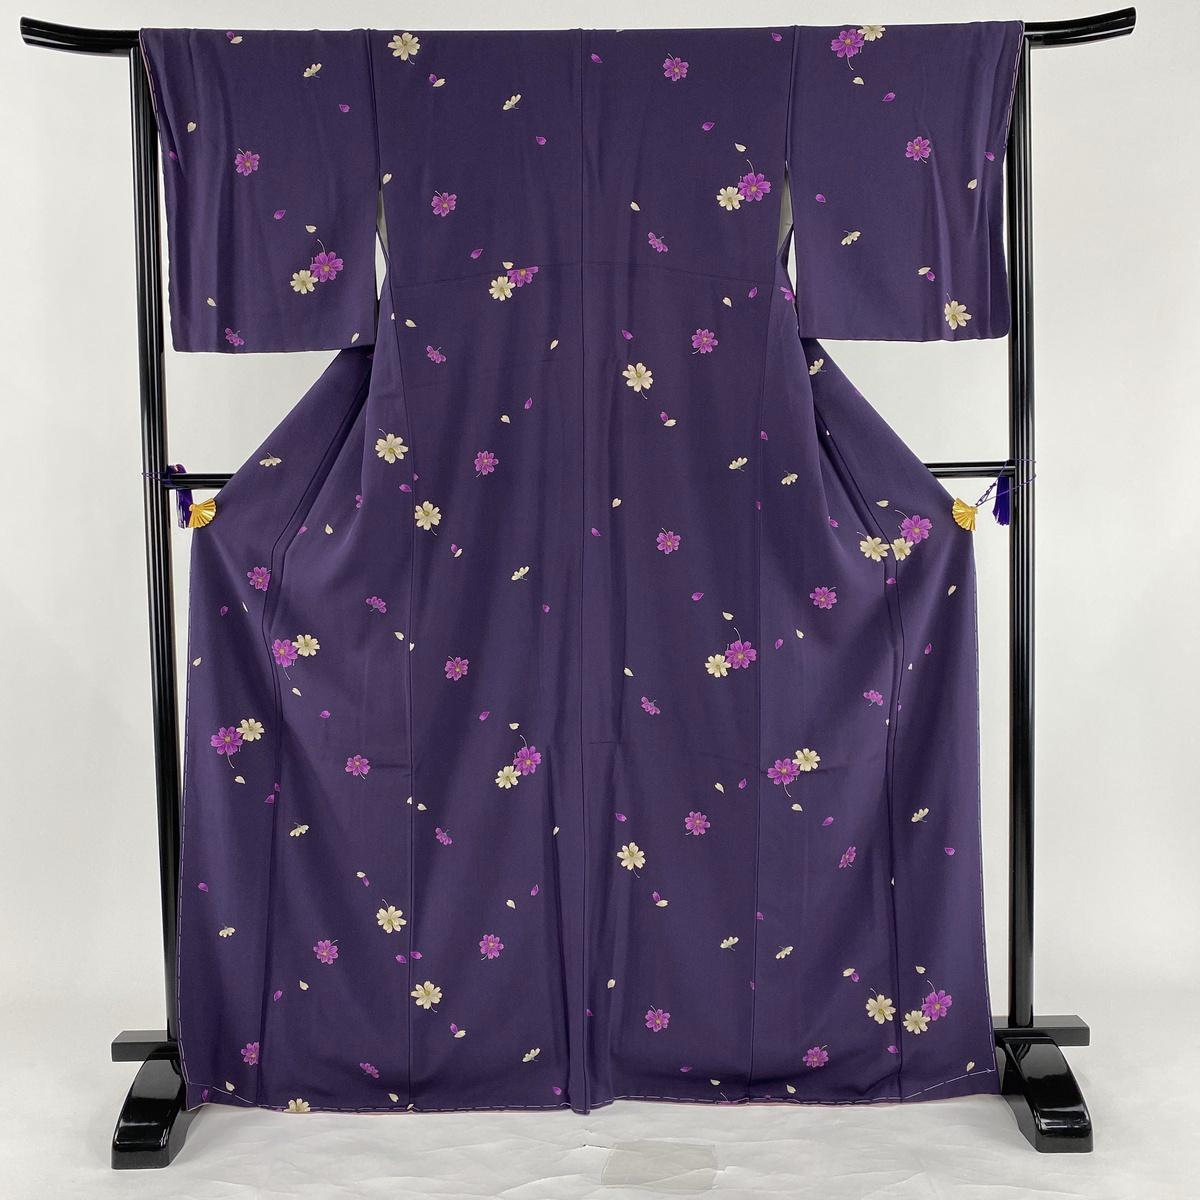 小紋 美品 秀品 コスモス 花びら 金彩 縮緬 紫 袷 身丈168.5cm 裄丈66cm M 正絹 【中古】